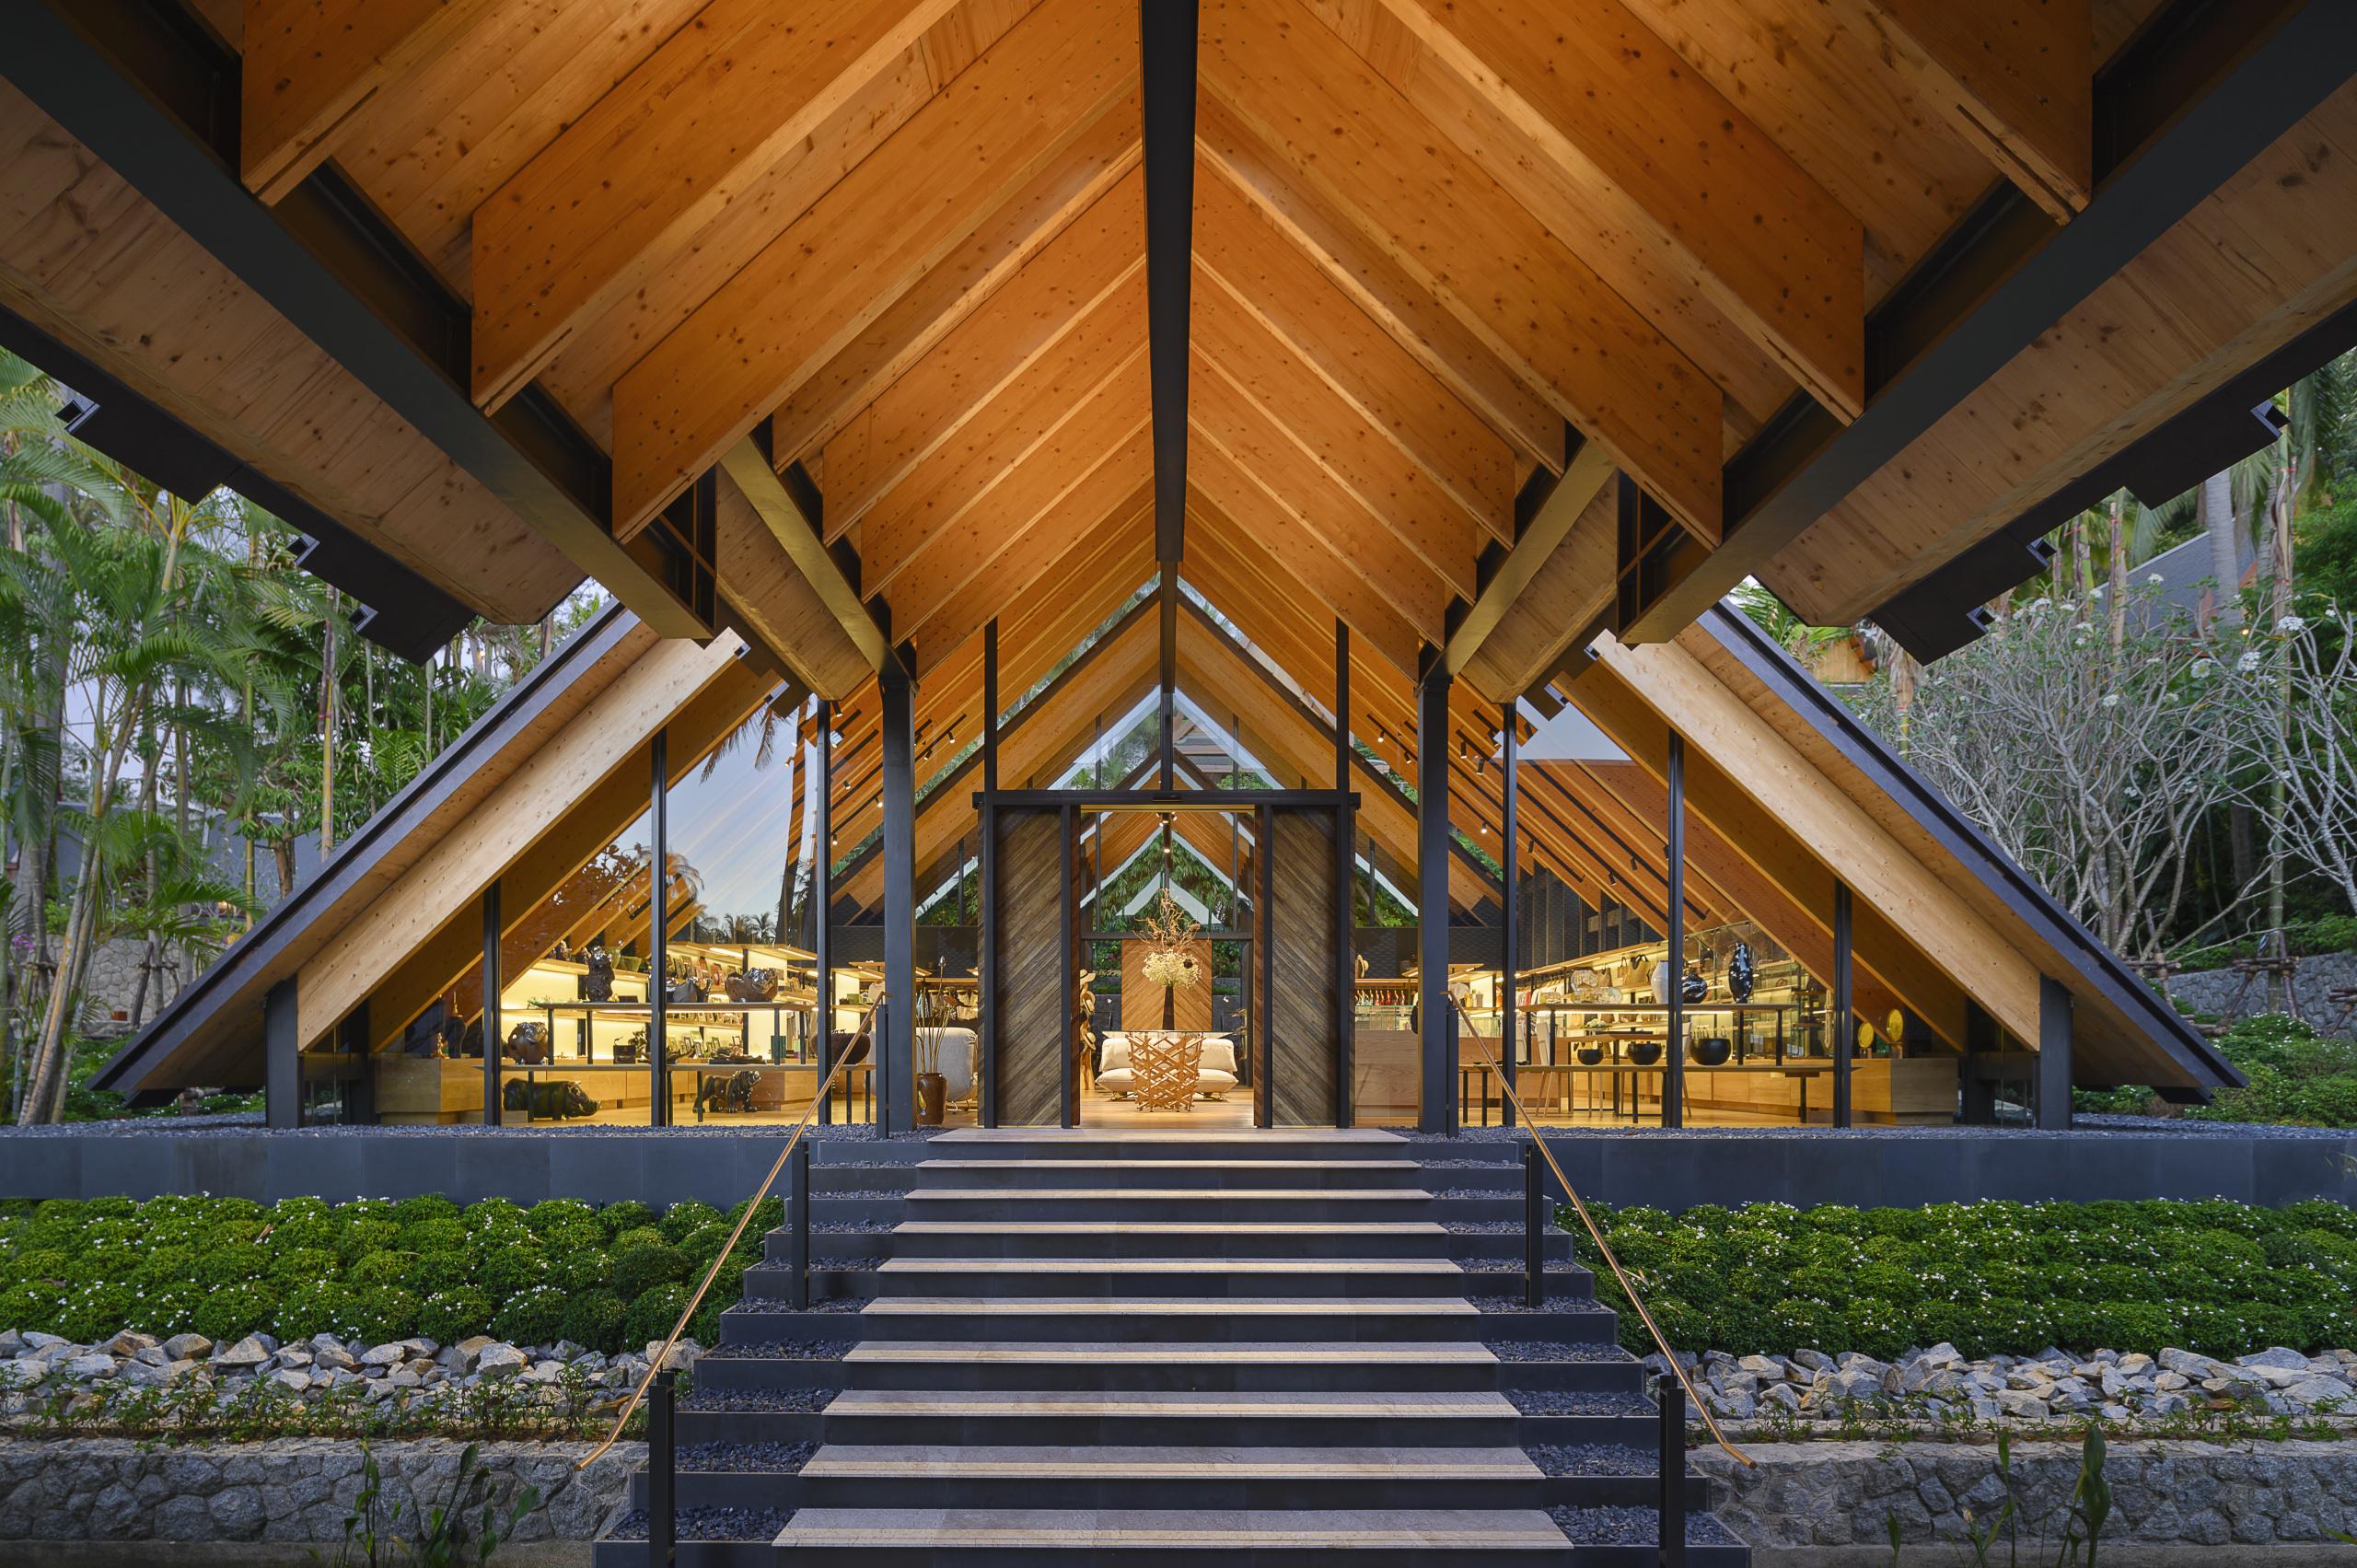 Amanpuri Retail Pavilion by Kengo Kuma